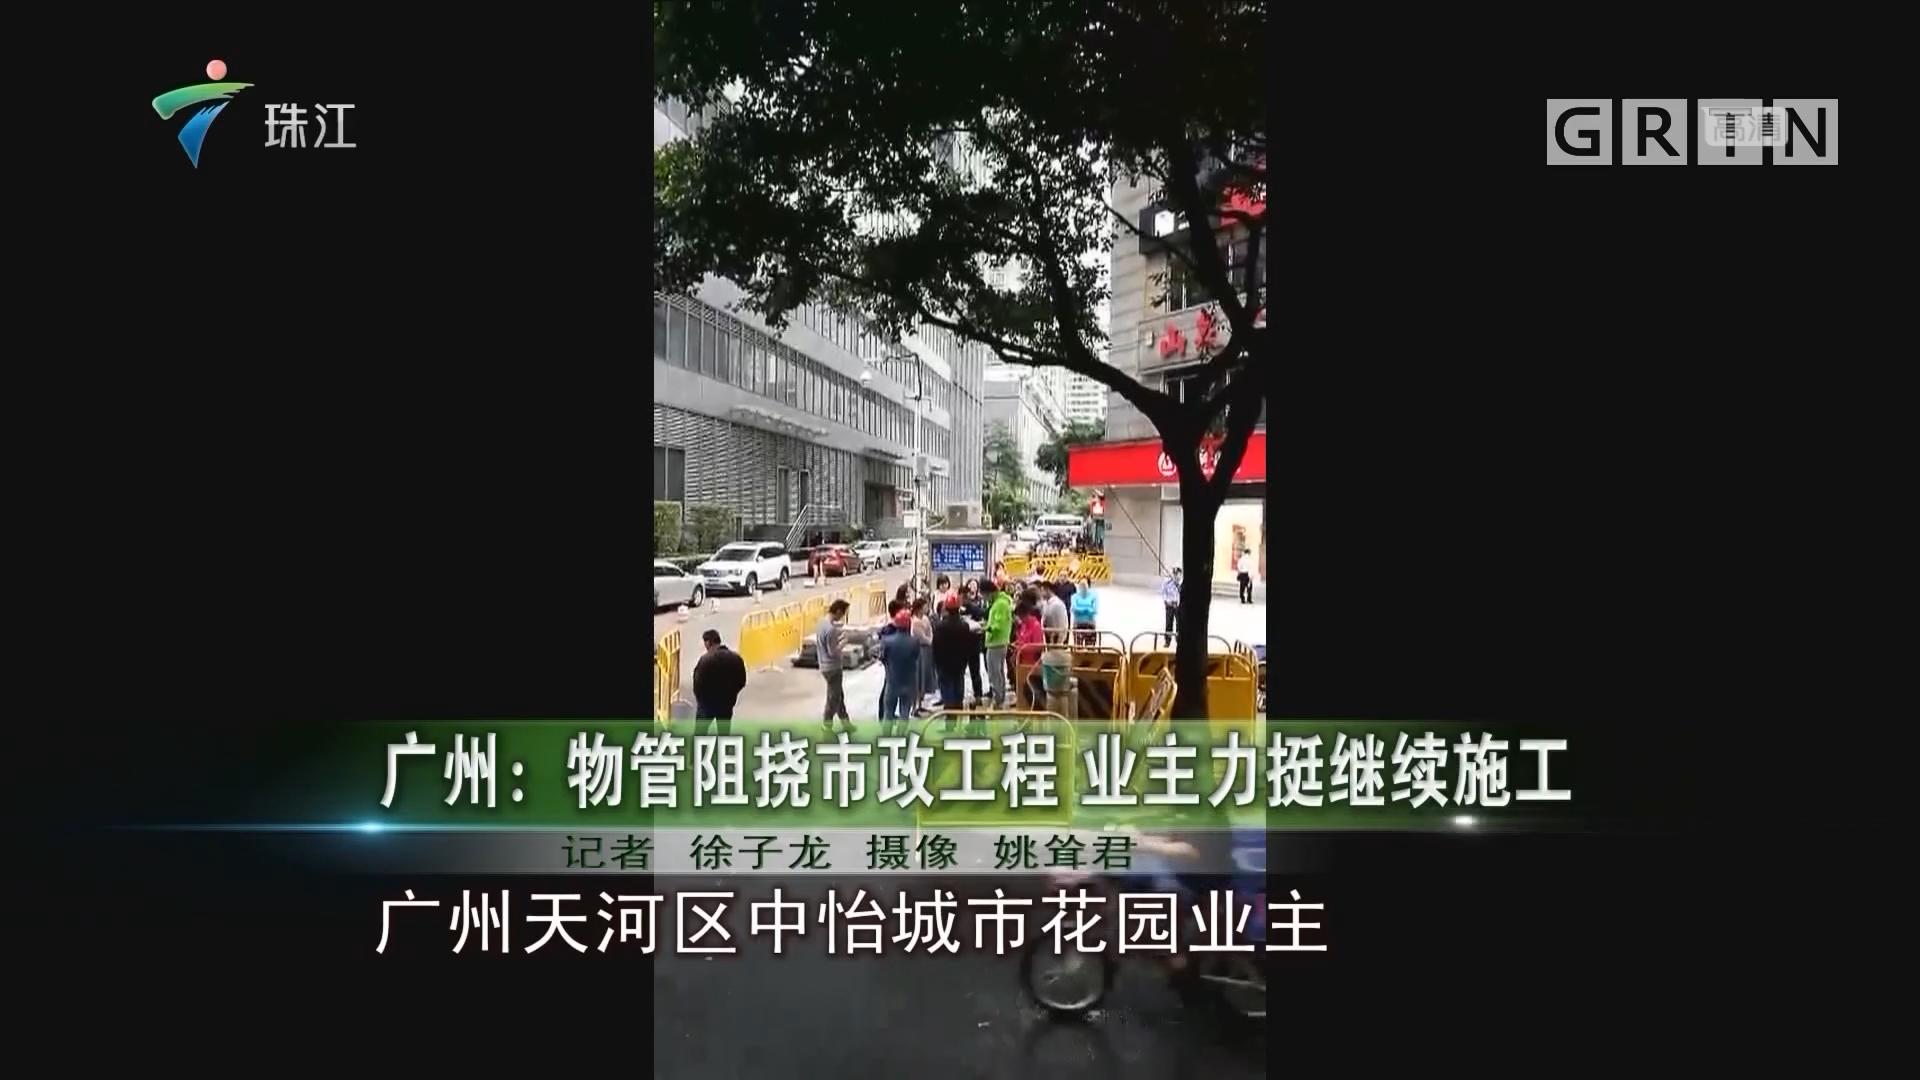 广州:物管阻挠市政工程 业主力挺继续施工